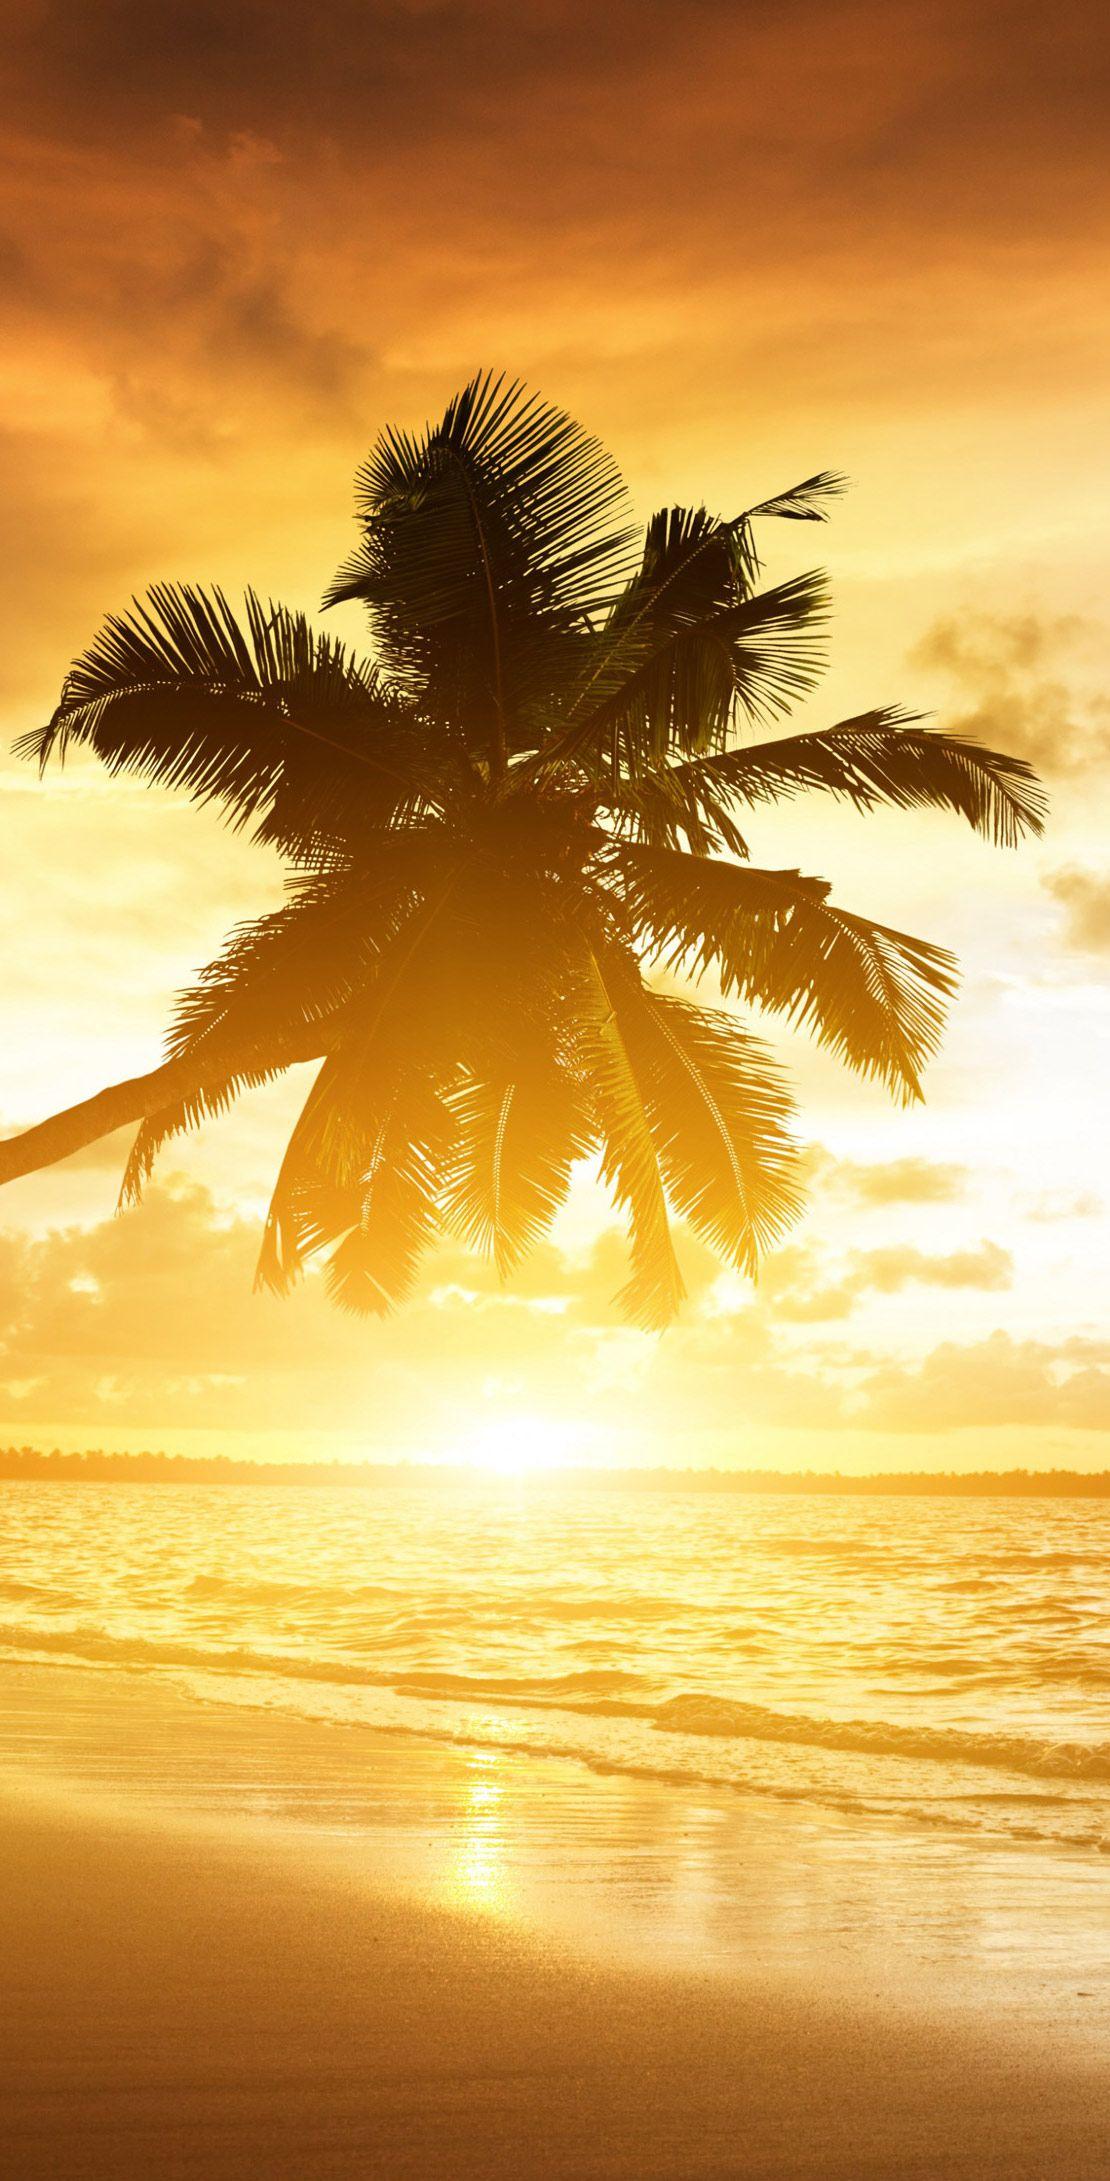 Nature Hd Widescreen Wallpapers Sunset Beach 4k Wallpaper Http Www